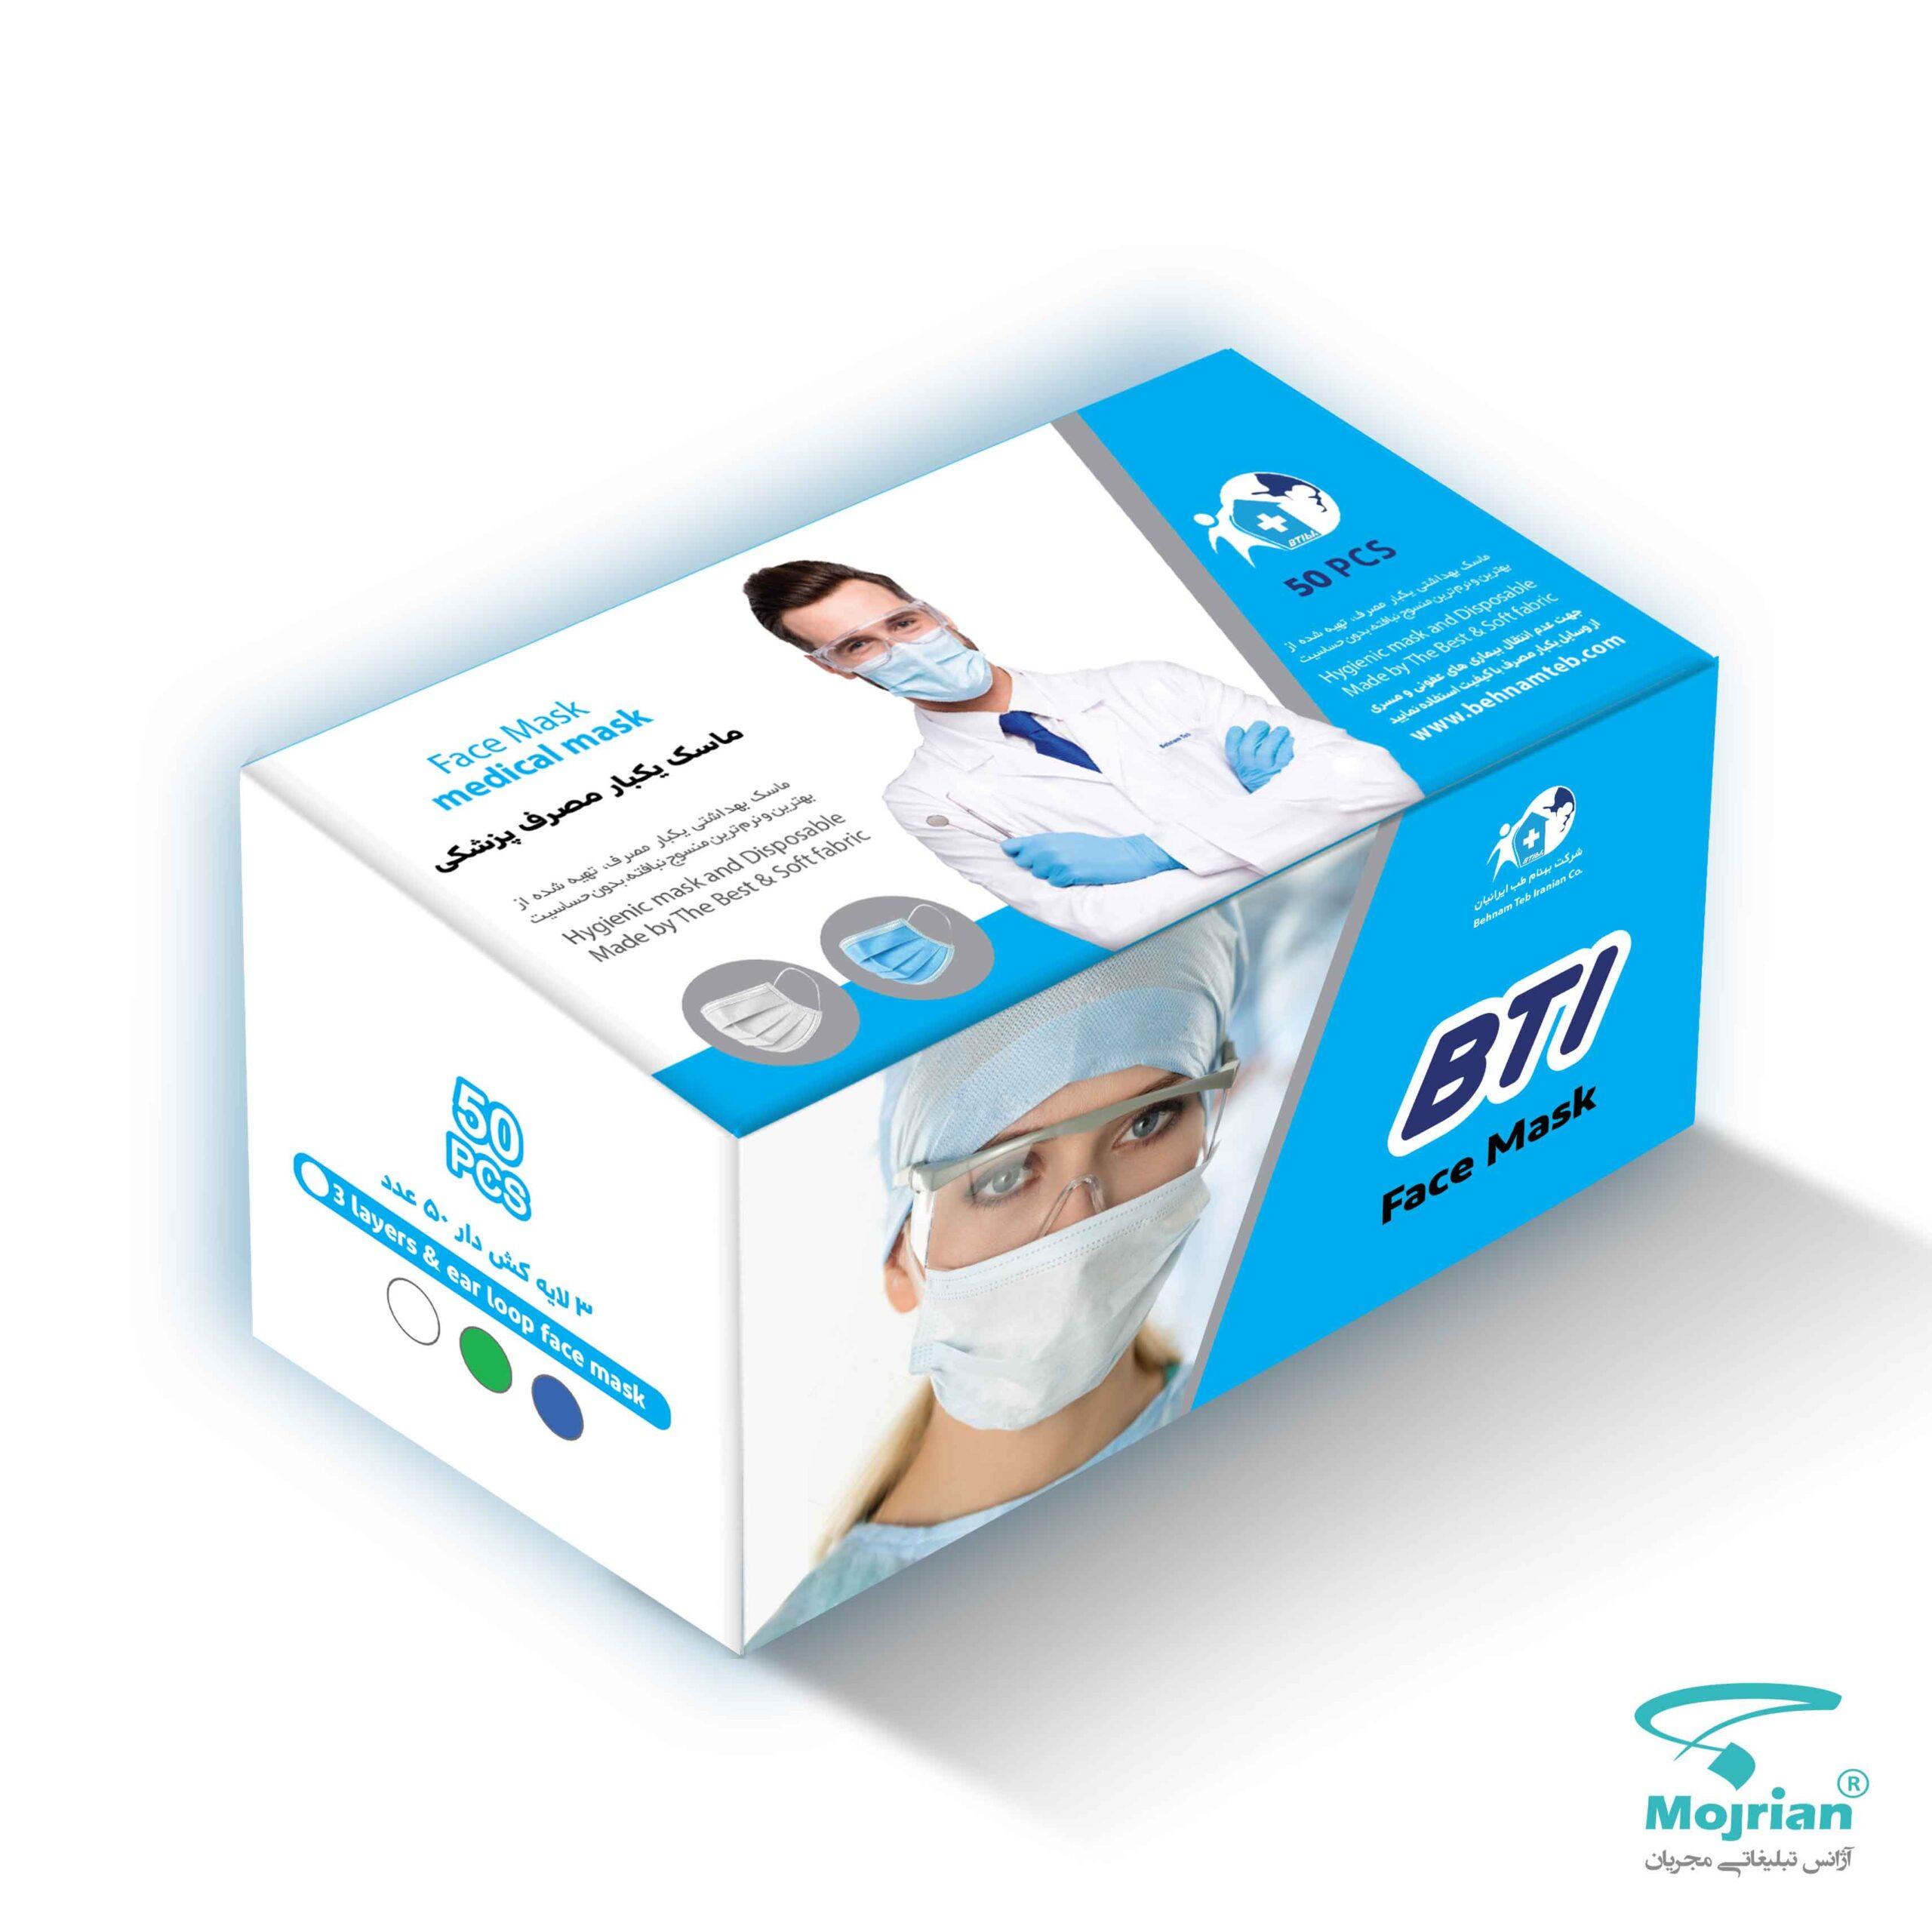 طراحی بسته بندی ماسک, طراحی بسته بندی پزشکی, طراحی بسته بندی بهداشتی